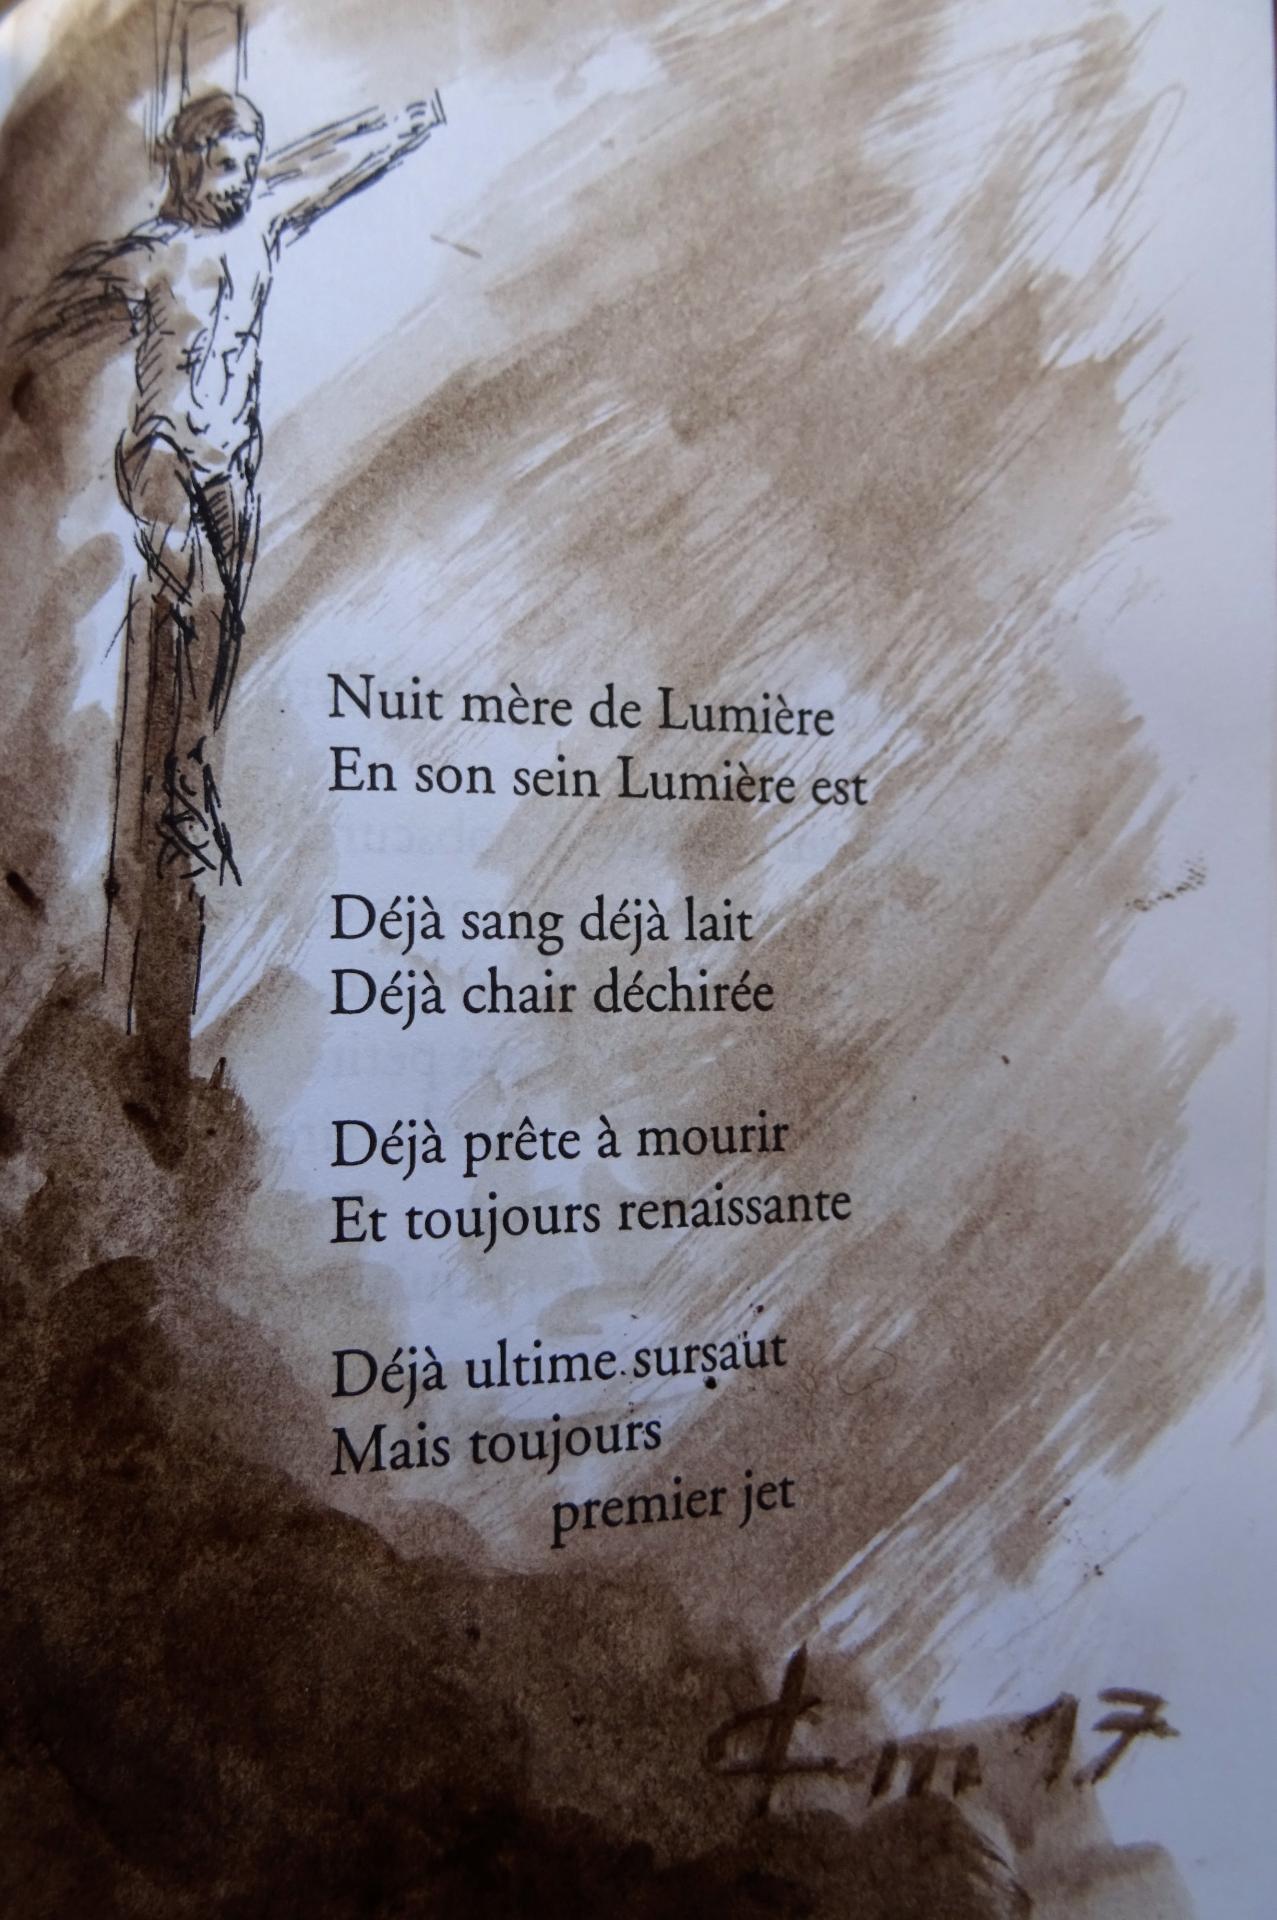 Poeme de francois cheng illustre dessin au lavis de jean joseph chevalier 168